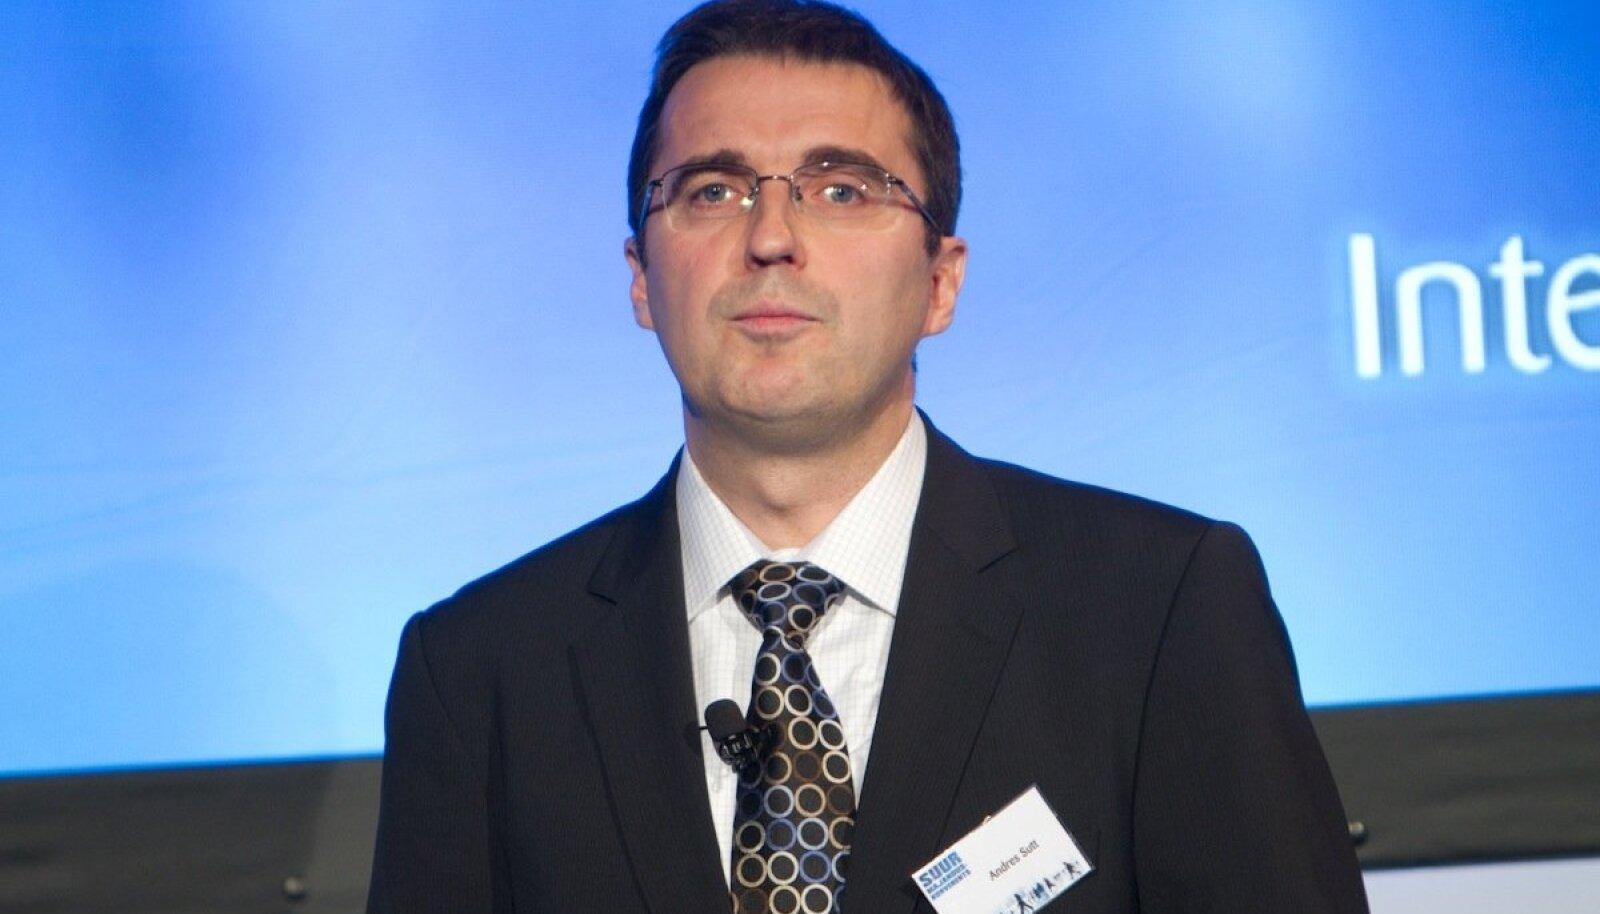 Ettevõtlus- ja infotehnoloogiaminister Andres Sutt